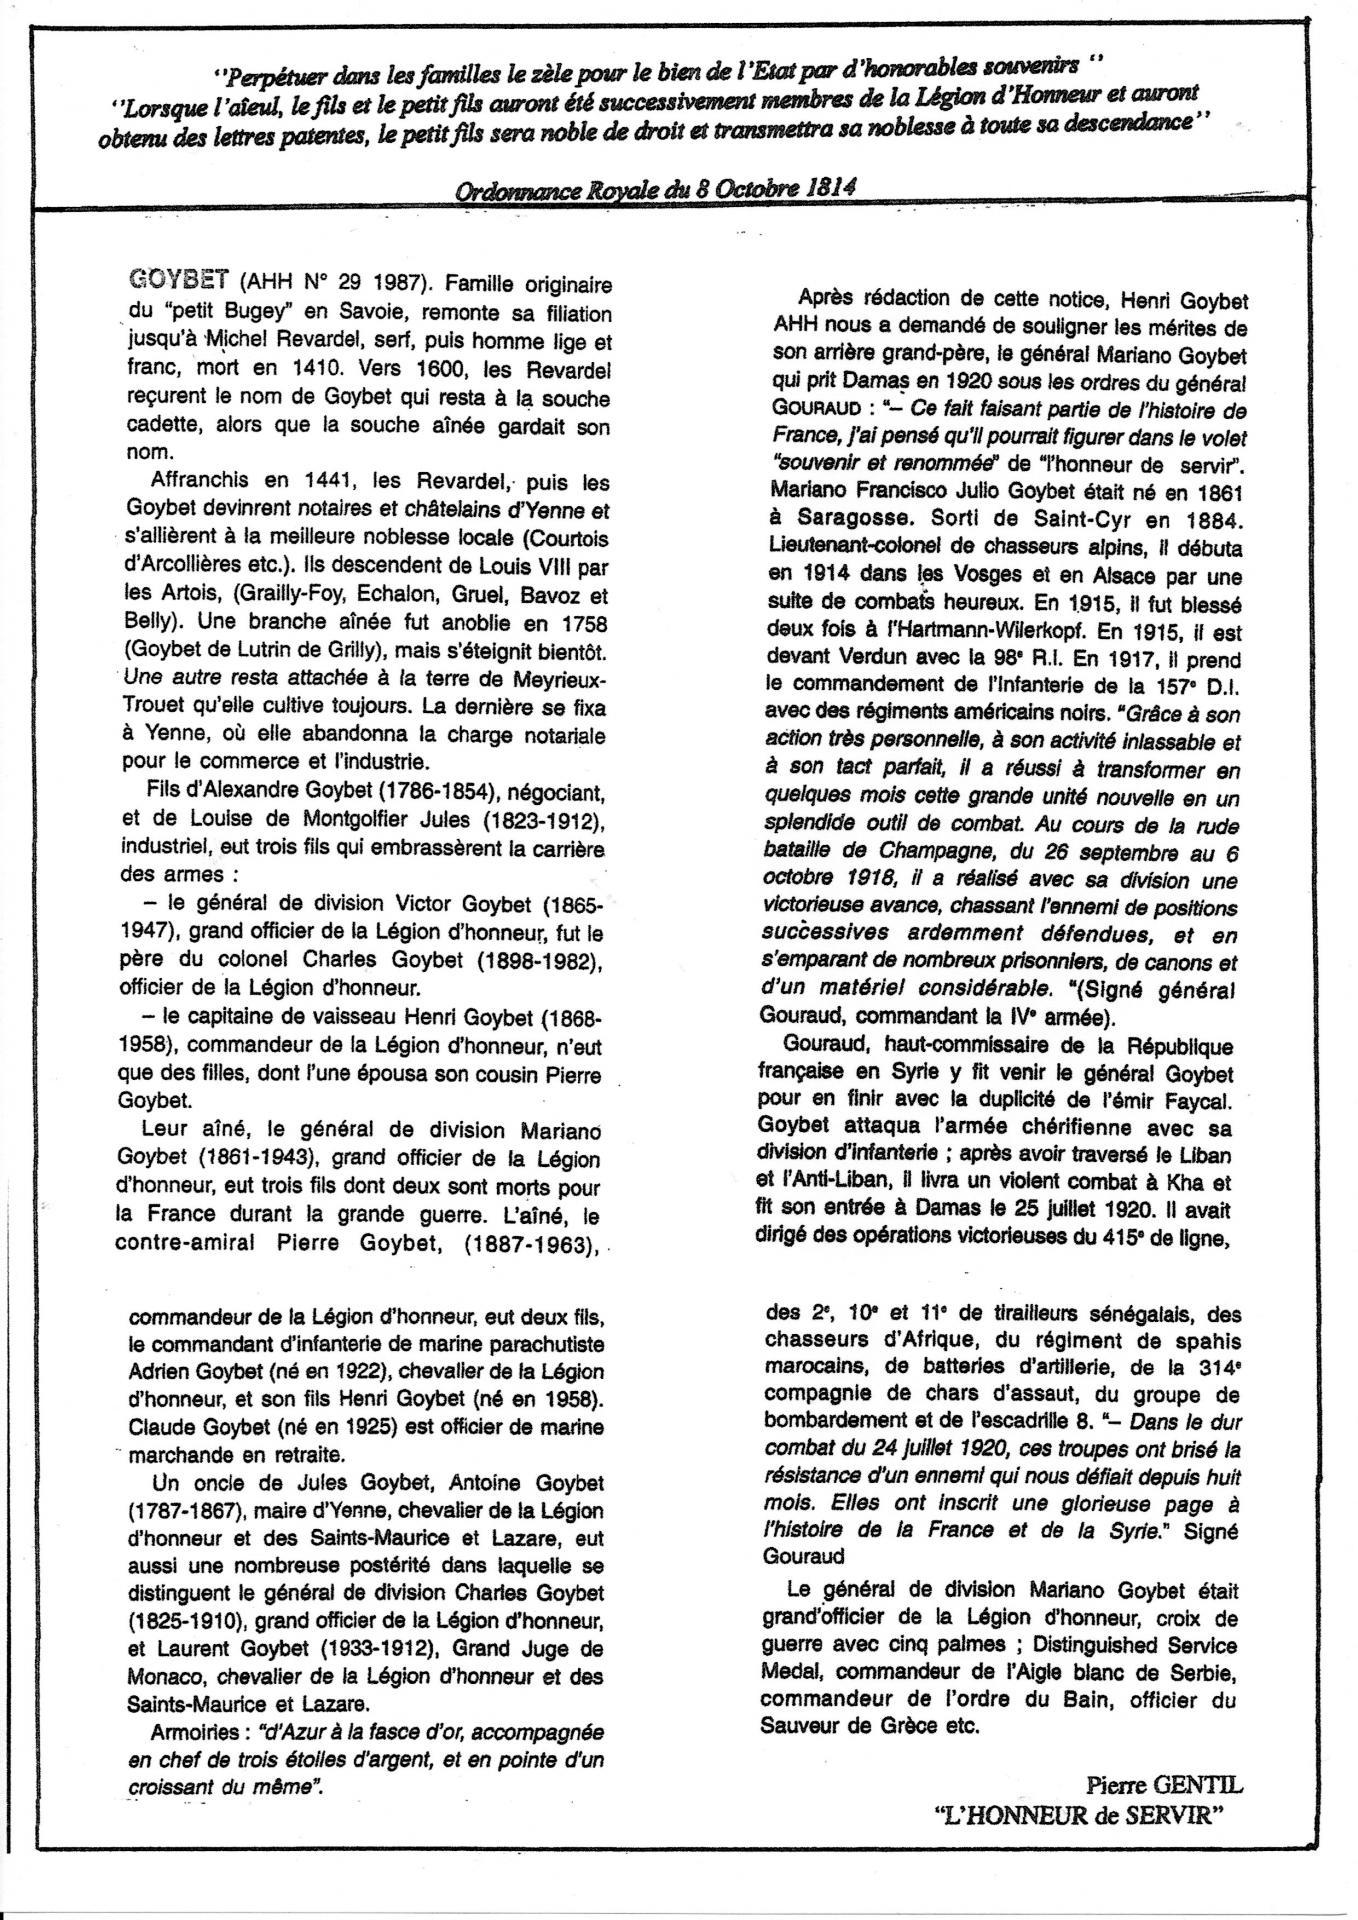 Notice AHH : Famille Goybet :Livre de pierre Gentil :L'honneur de servir  Auteuil Impression 1998